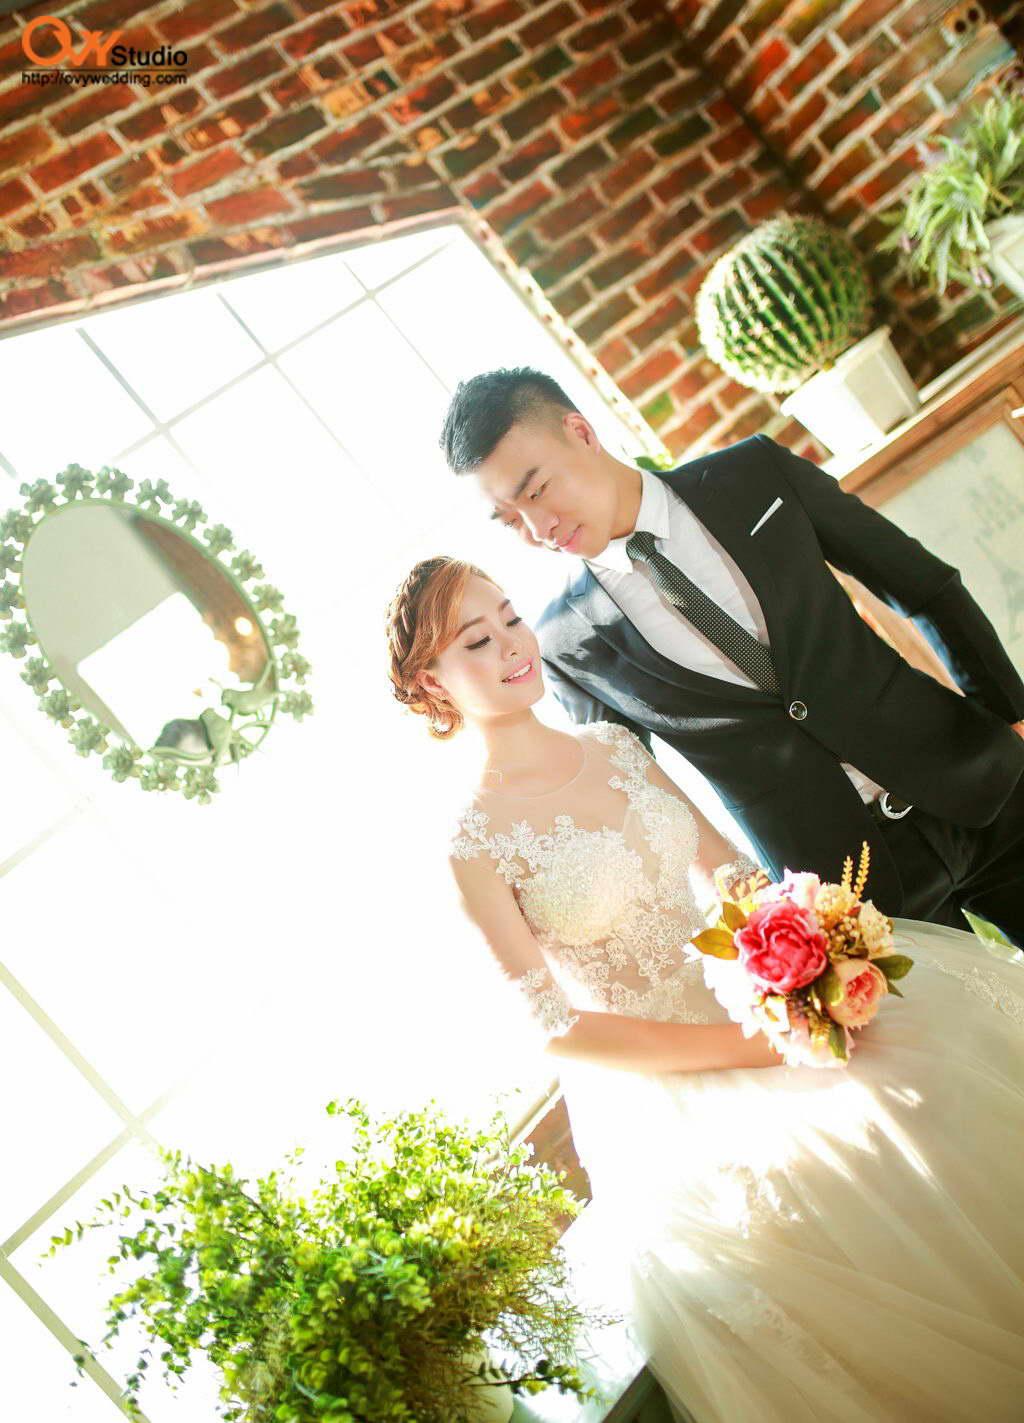 Chụp ảnh cưới tại các phim trường